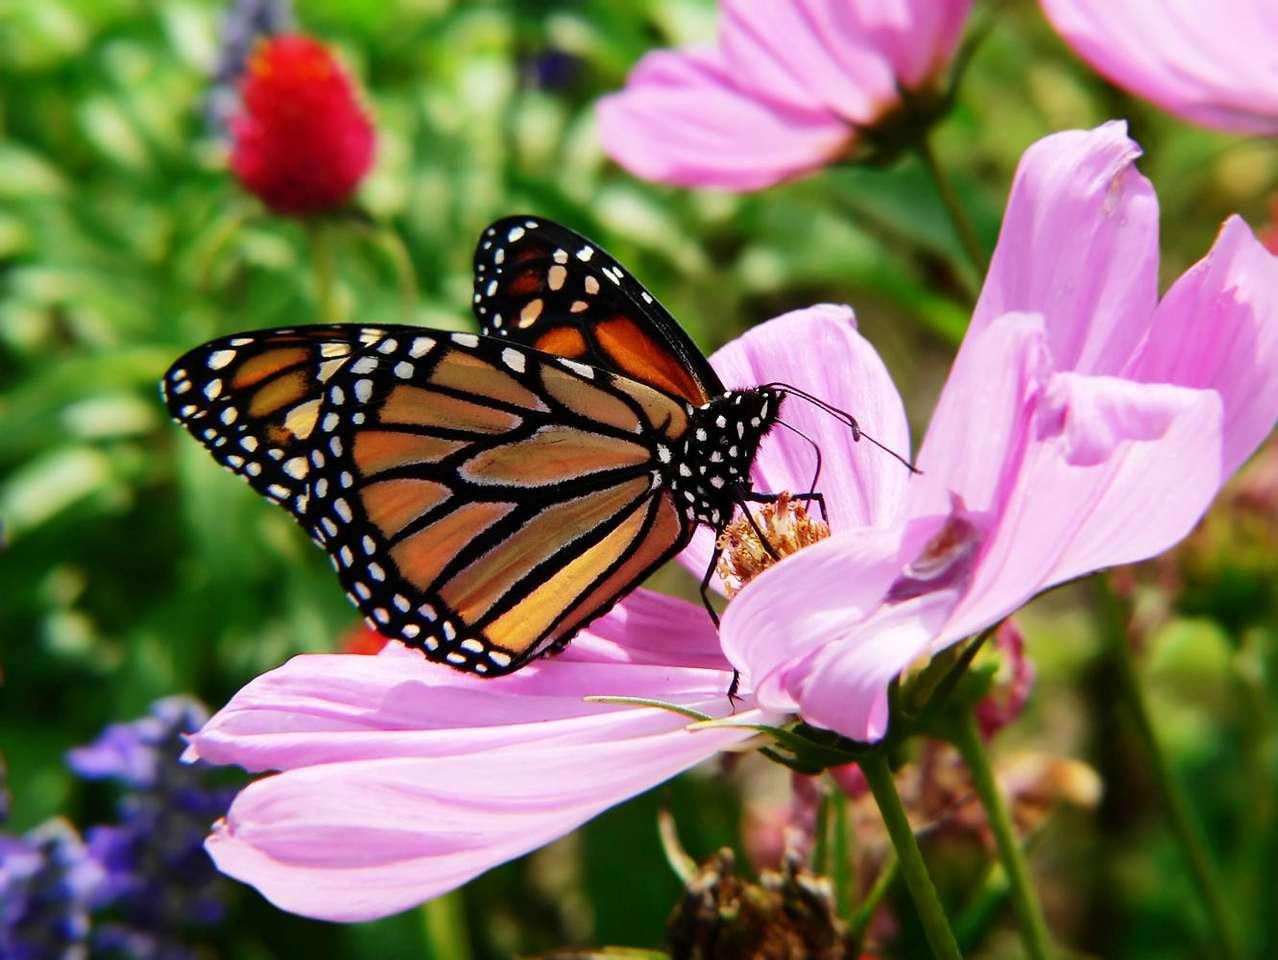 Motyl - monarch - Danaid wędrowny, nazywany także monarchem, jest motylem o bardzo dużym zasięgu występowania. W czasie jednej migracji motyle te mogą pokonać nawet do 3000 km. Na zimowiska danaidy wybierają so (11×8)